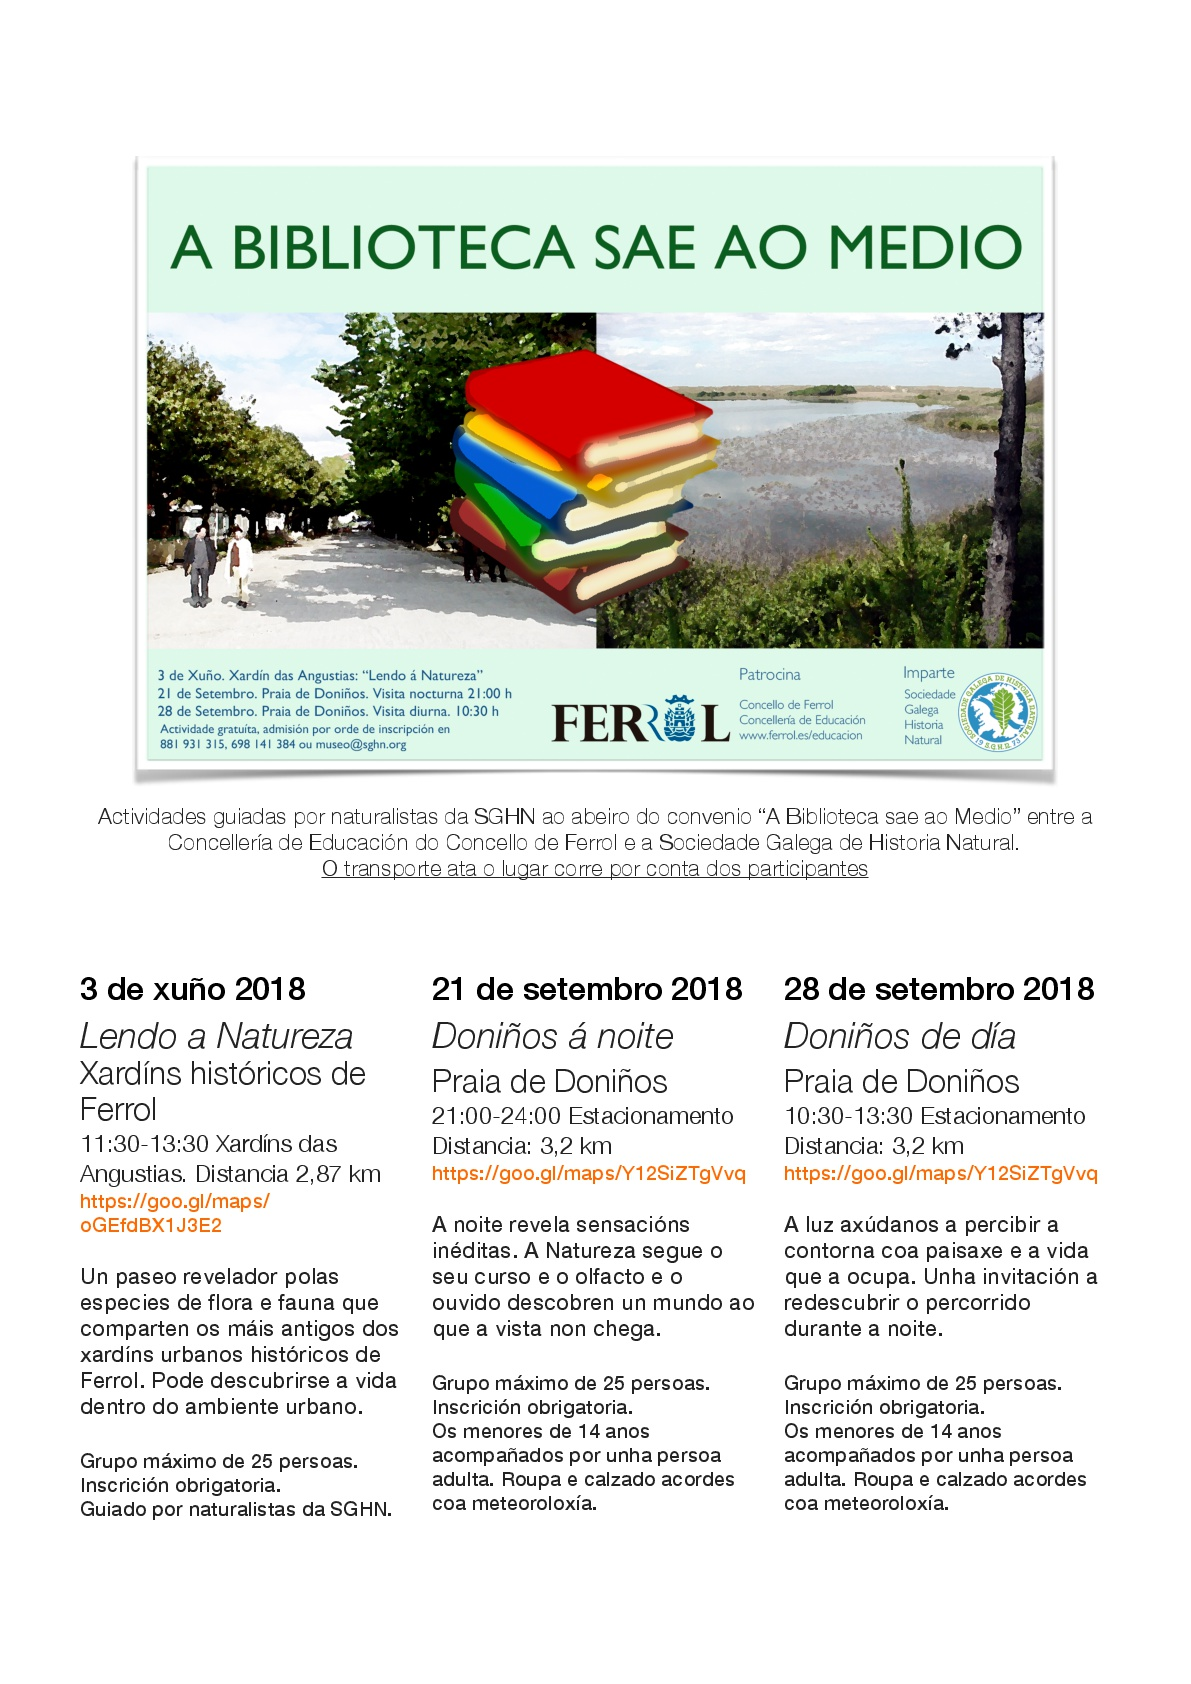 'A BIBLIOTECA SAE O MEDIO': REDESCUBRIMOS OS XARDÍNS DE FERROL E A LAGOA DE DONIÑOS EN TRES SAÍDAS GUIADAS